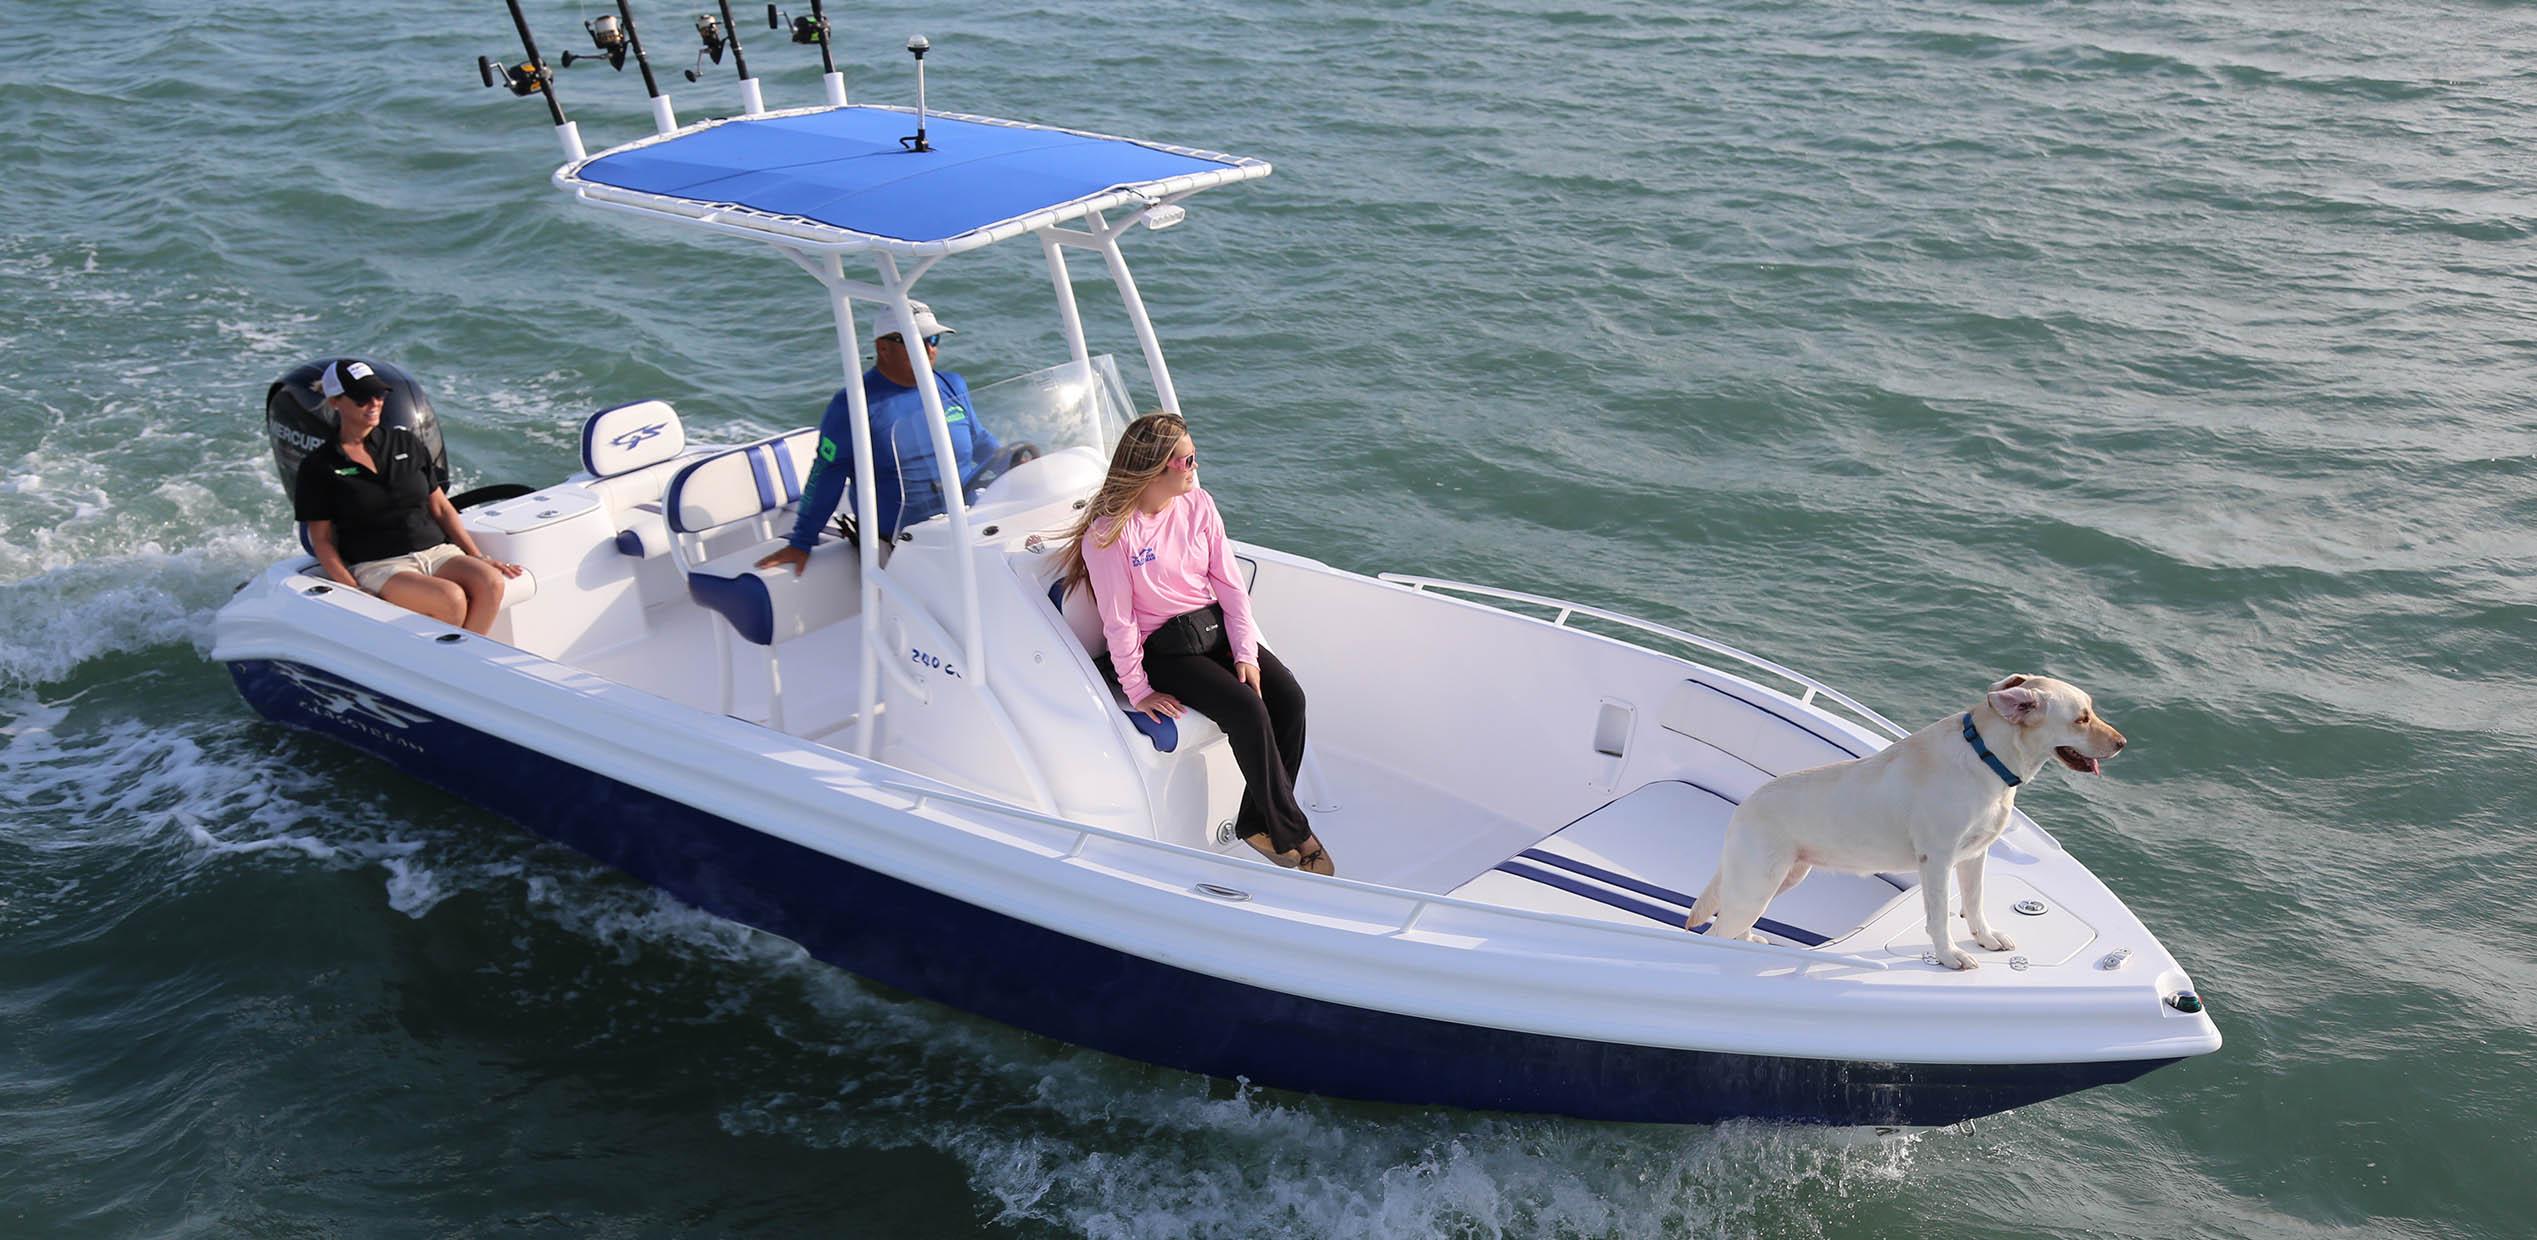 Glasstream Boat 32 Pro Xs Boats For Sale Miami Amp Palm